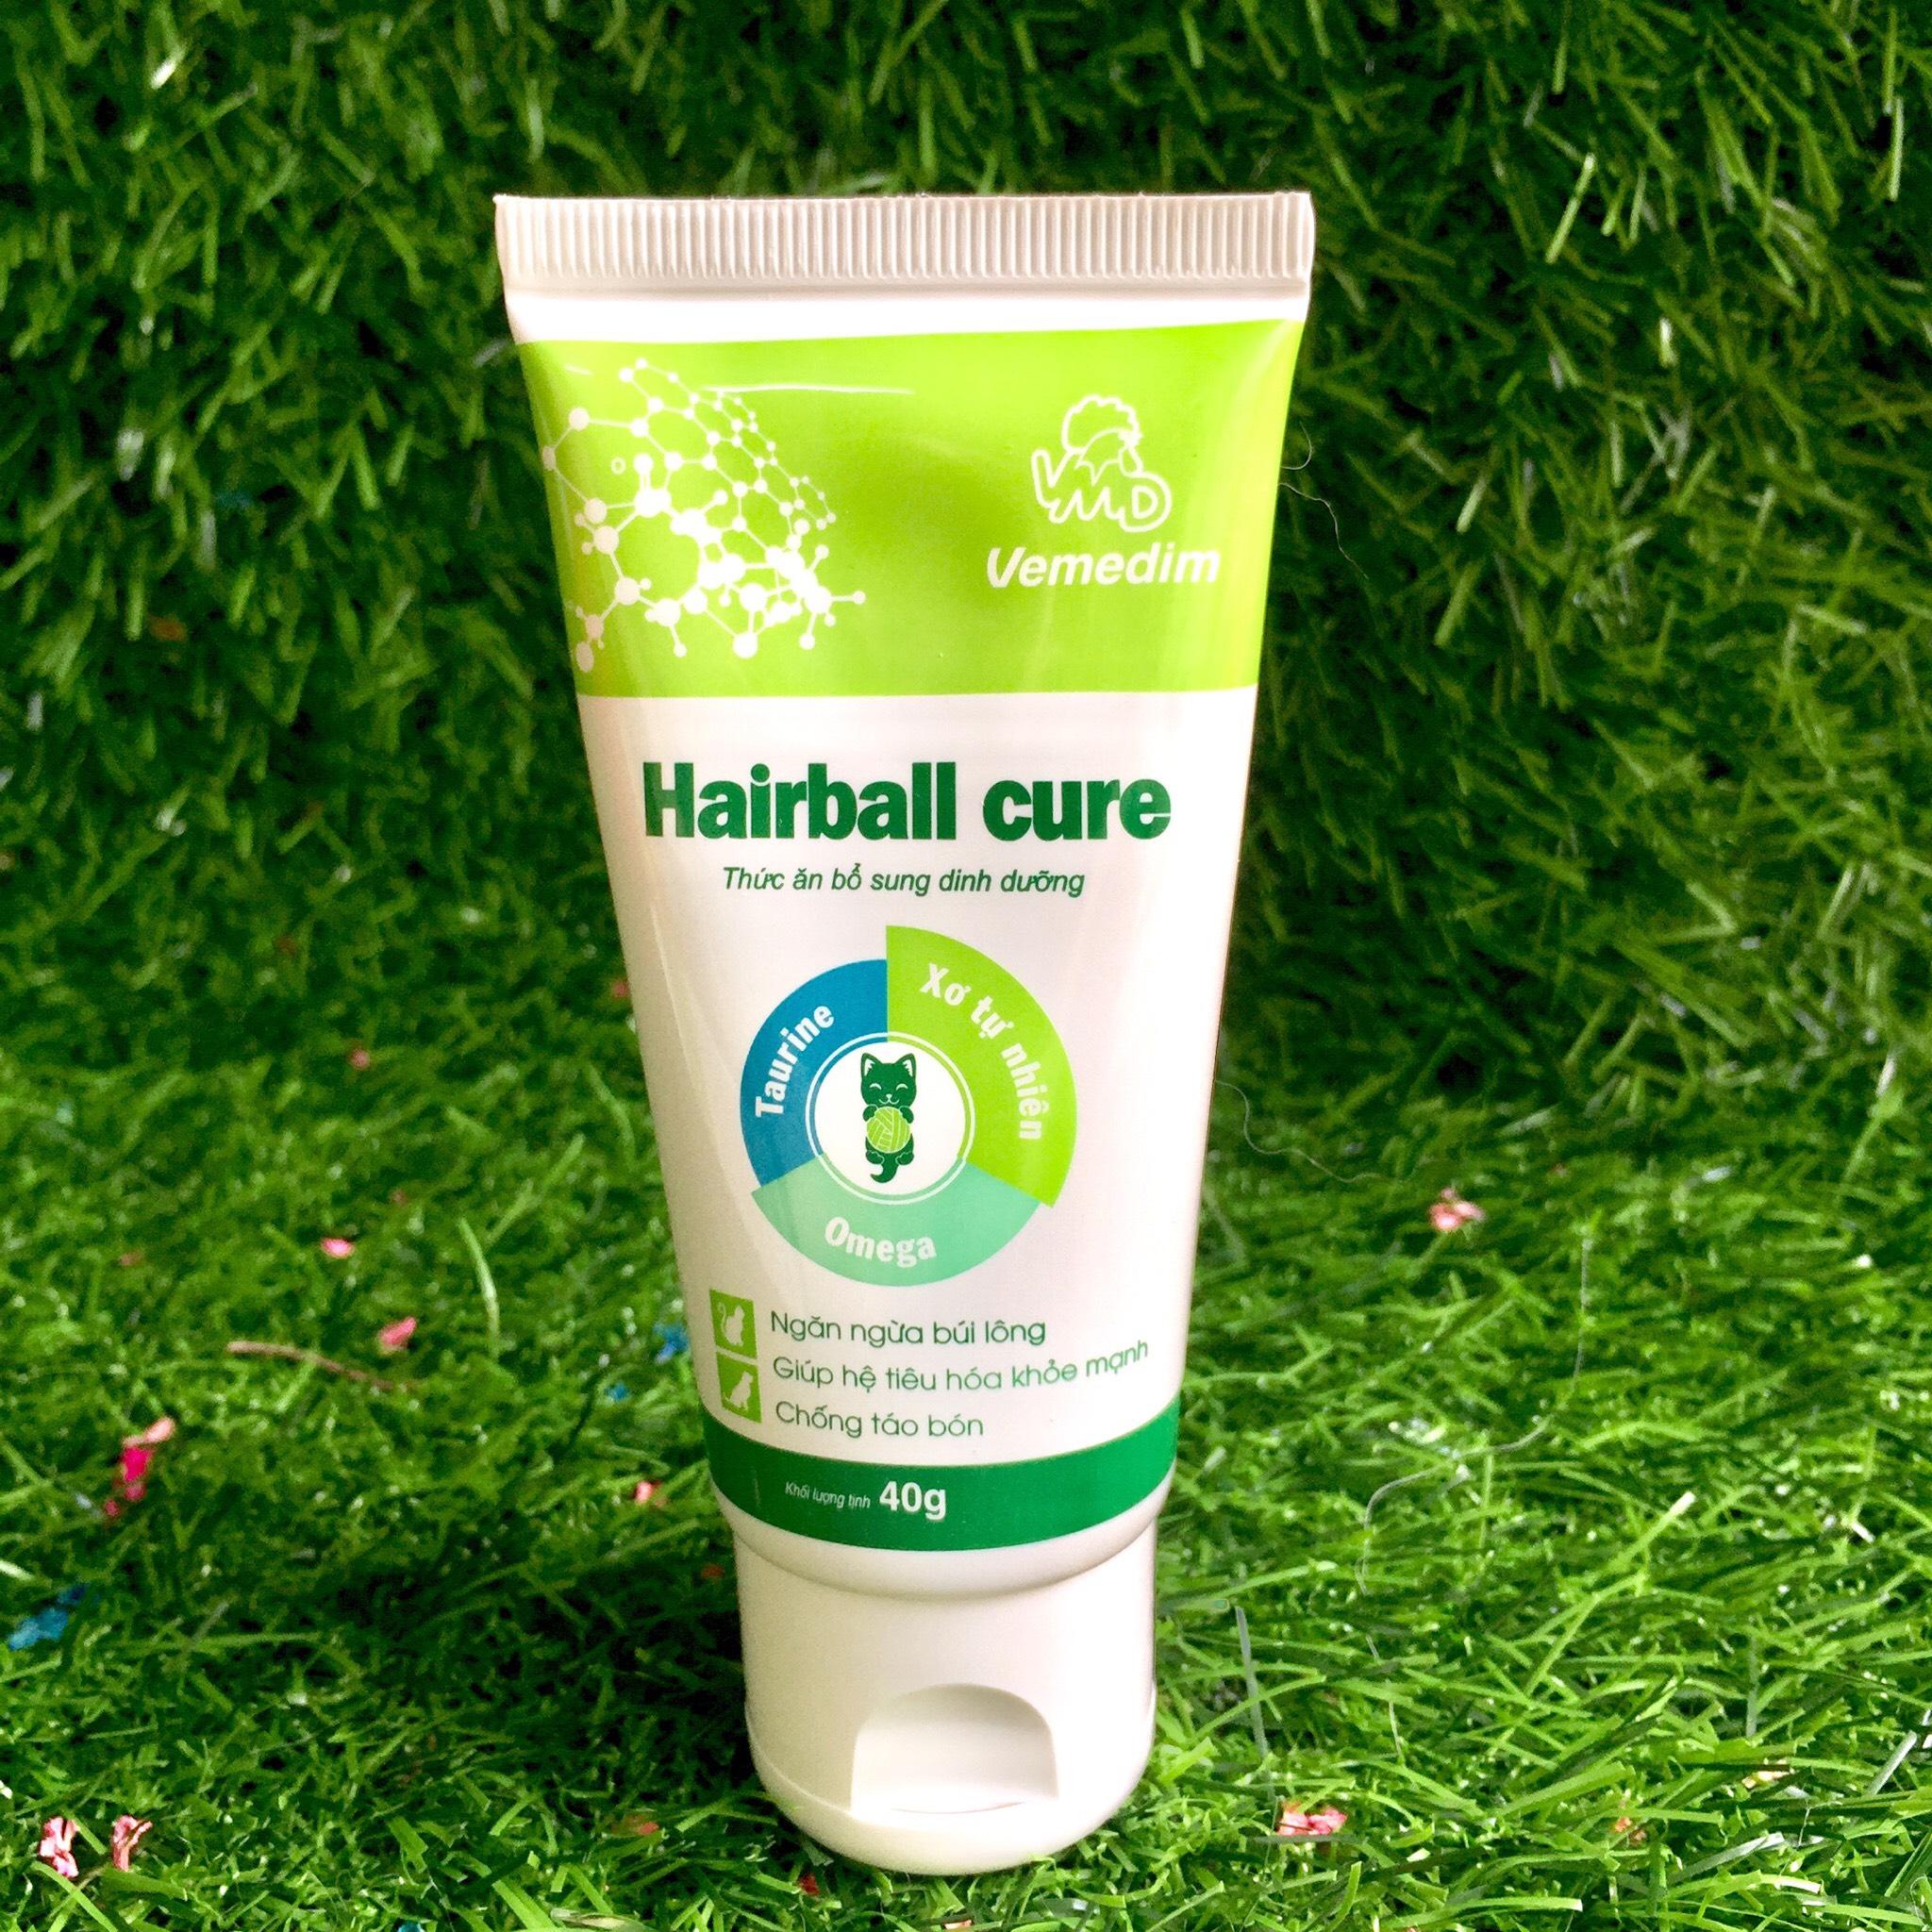 Hairball Cure – Giải Quyết Búi Lông Trong Dạ Dày Và Ruột Chó Mèo Trên 6 Tháng Tuổi – Một Sản Phẩm Của Thương Hiệu Vemedim Uy Tín Chất Lượng Về Chế Phẩm Sinh Học Dùng Trong Chăn Nuôi – HC01